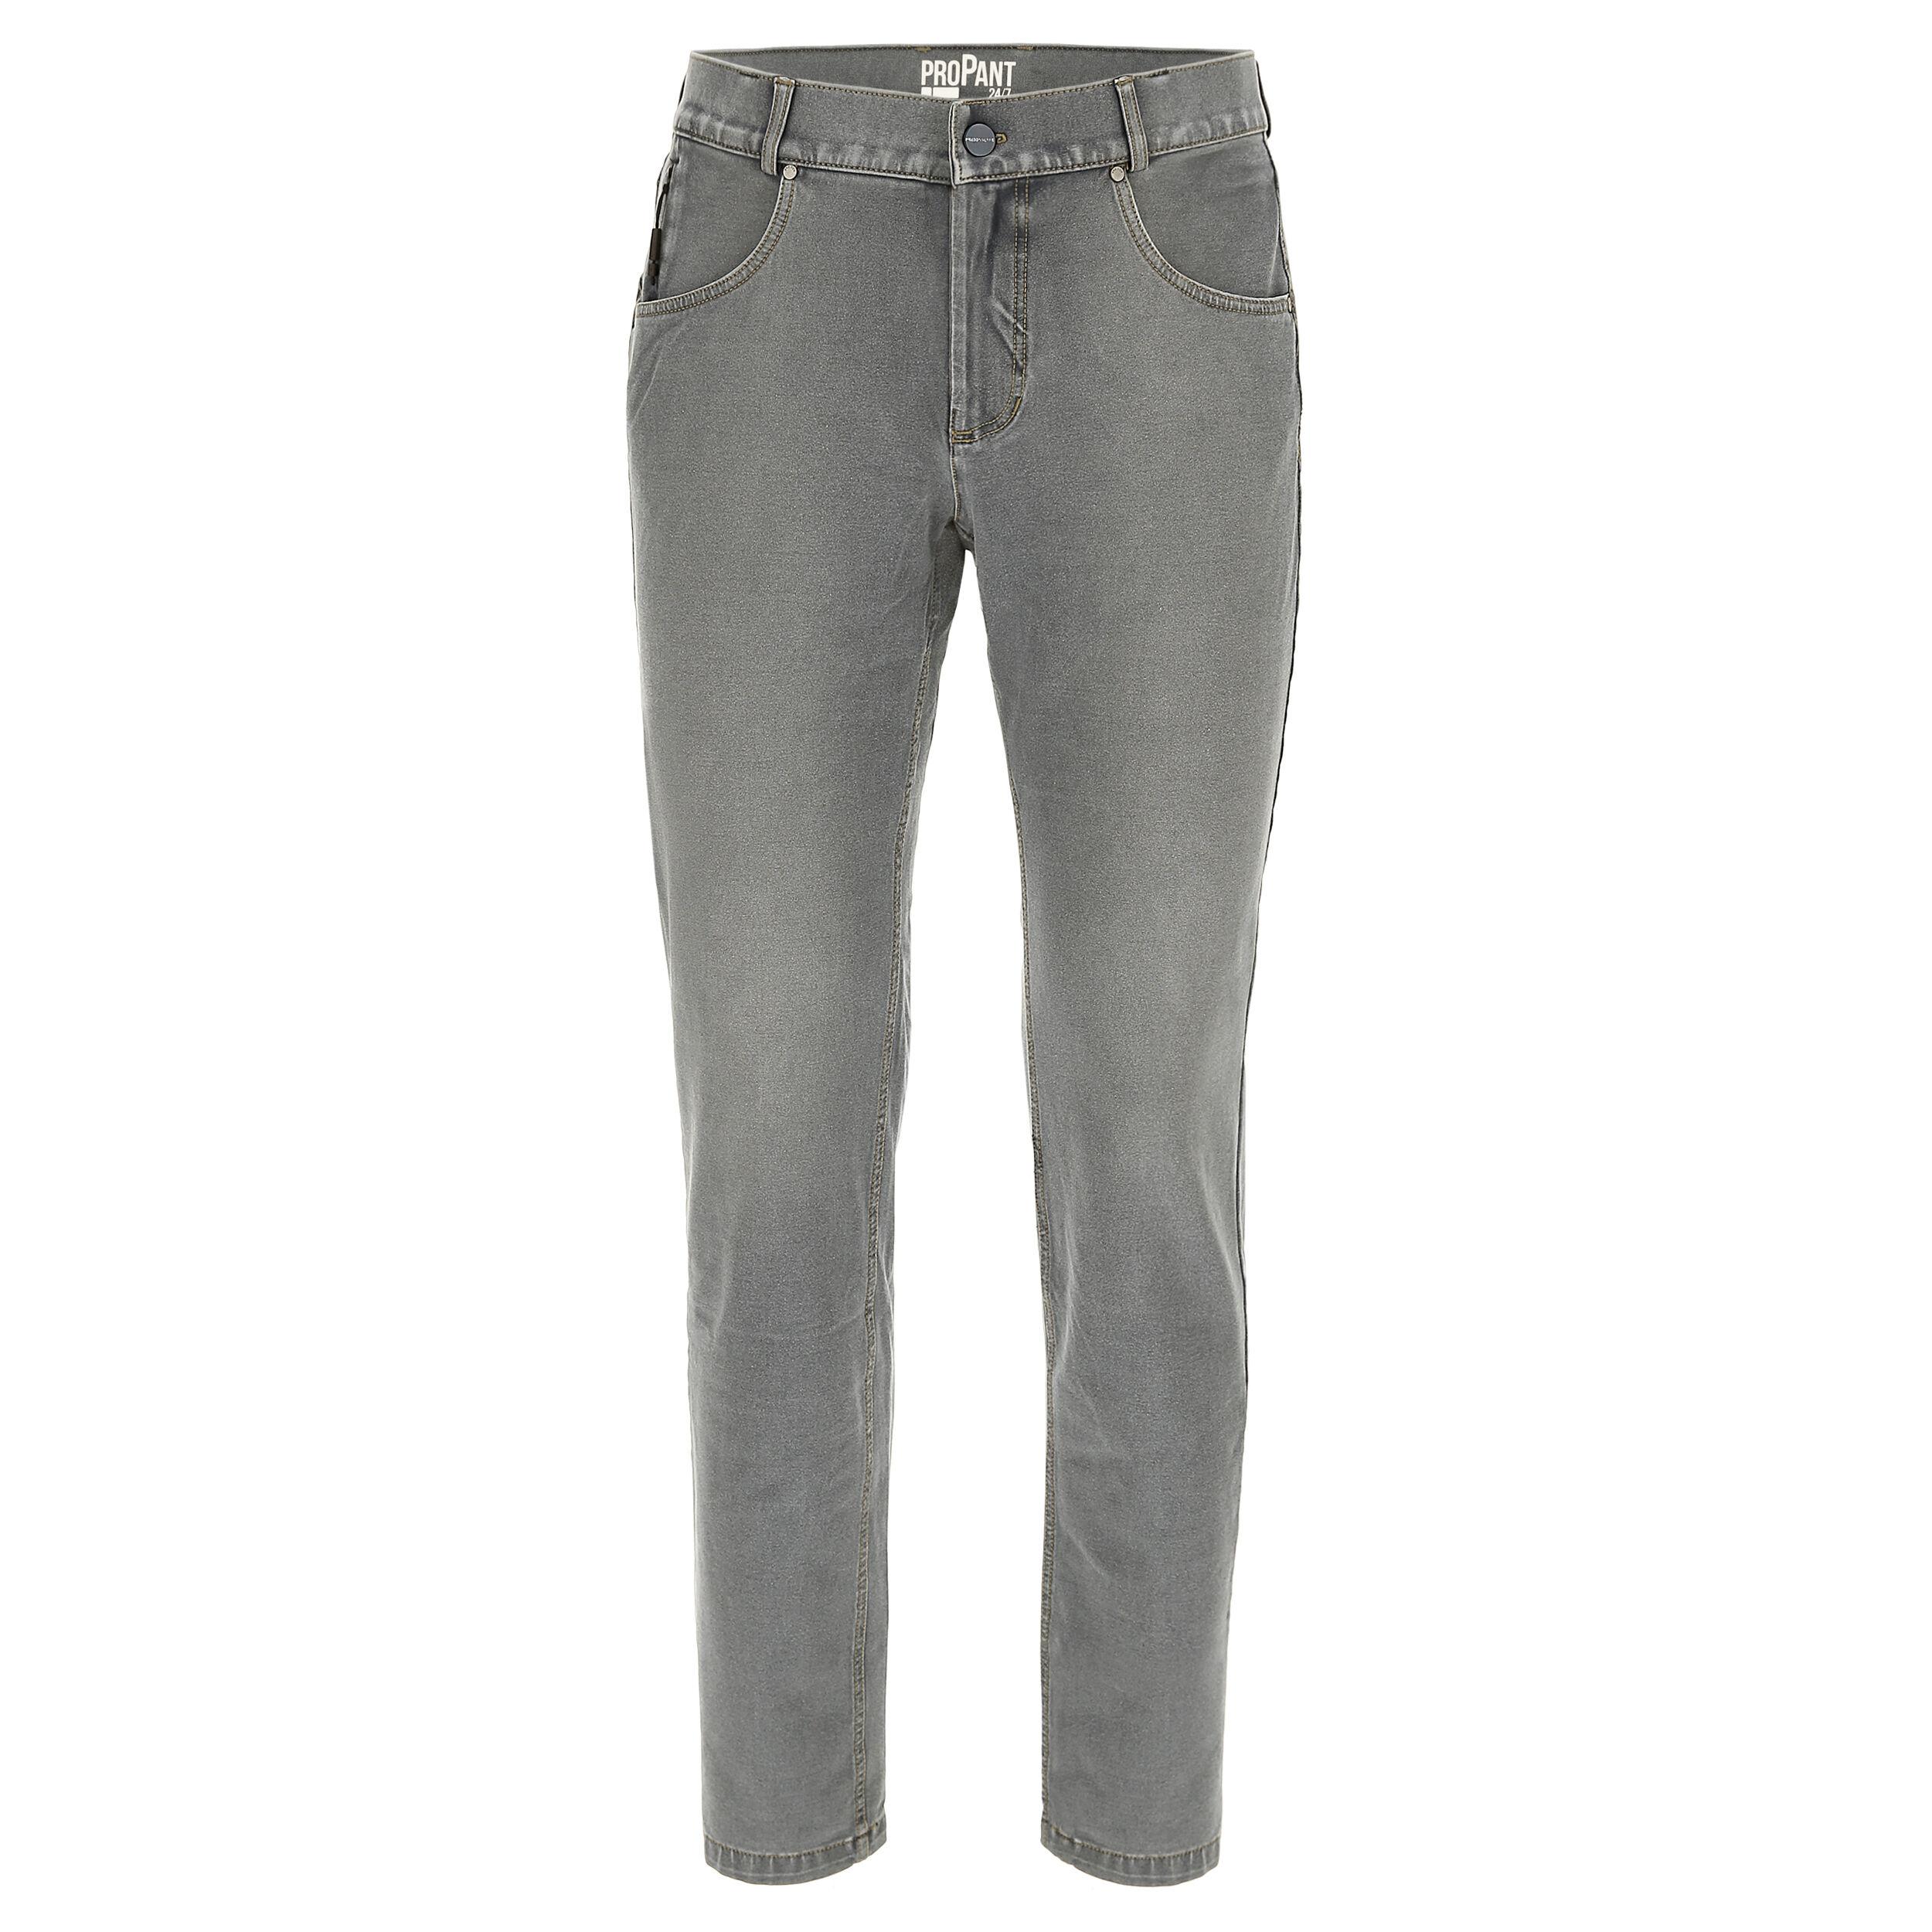 Freddy Pantalone lungo con supporto intimo doppio cambio Jeans Grigio-Cuciture Gialle